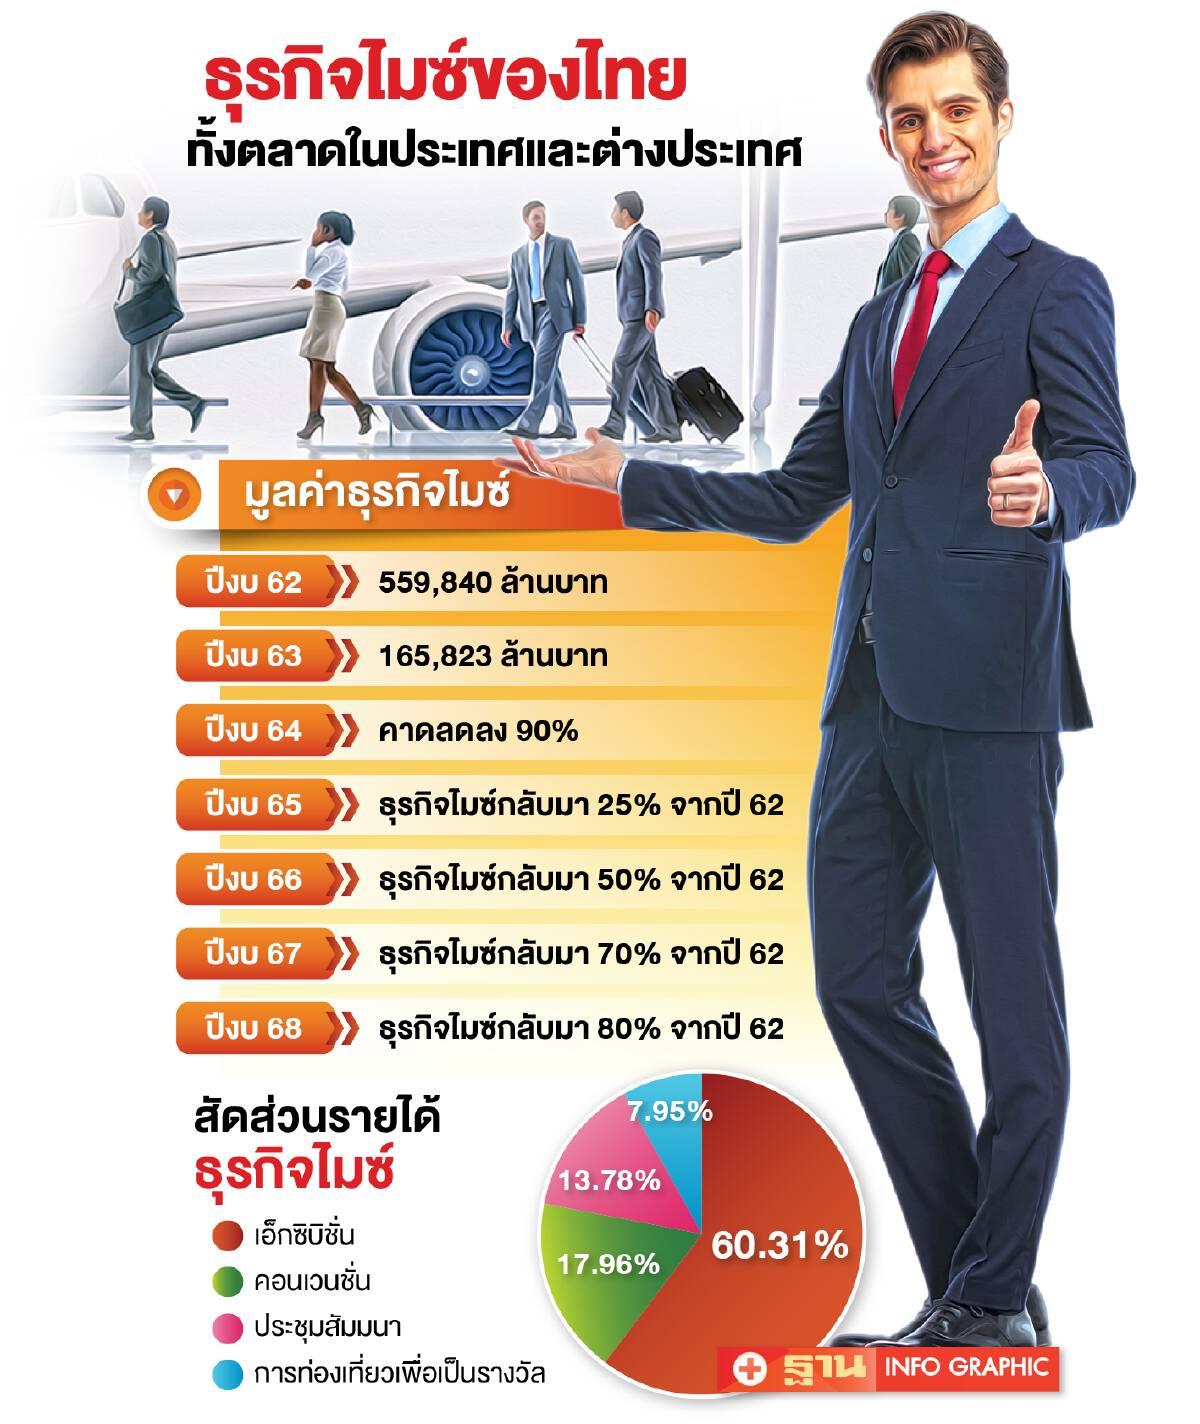 รายได้ธุรกิจไมซ์ของประเทศไทย